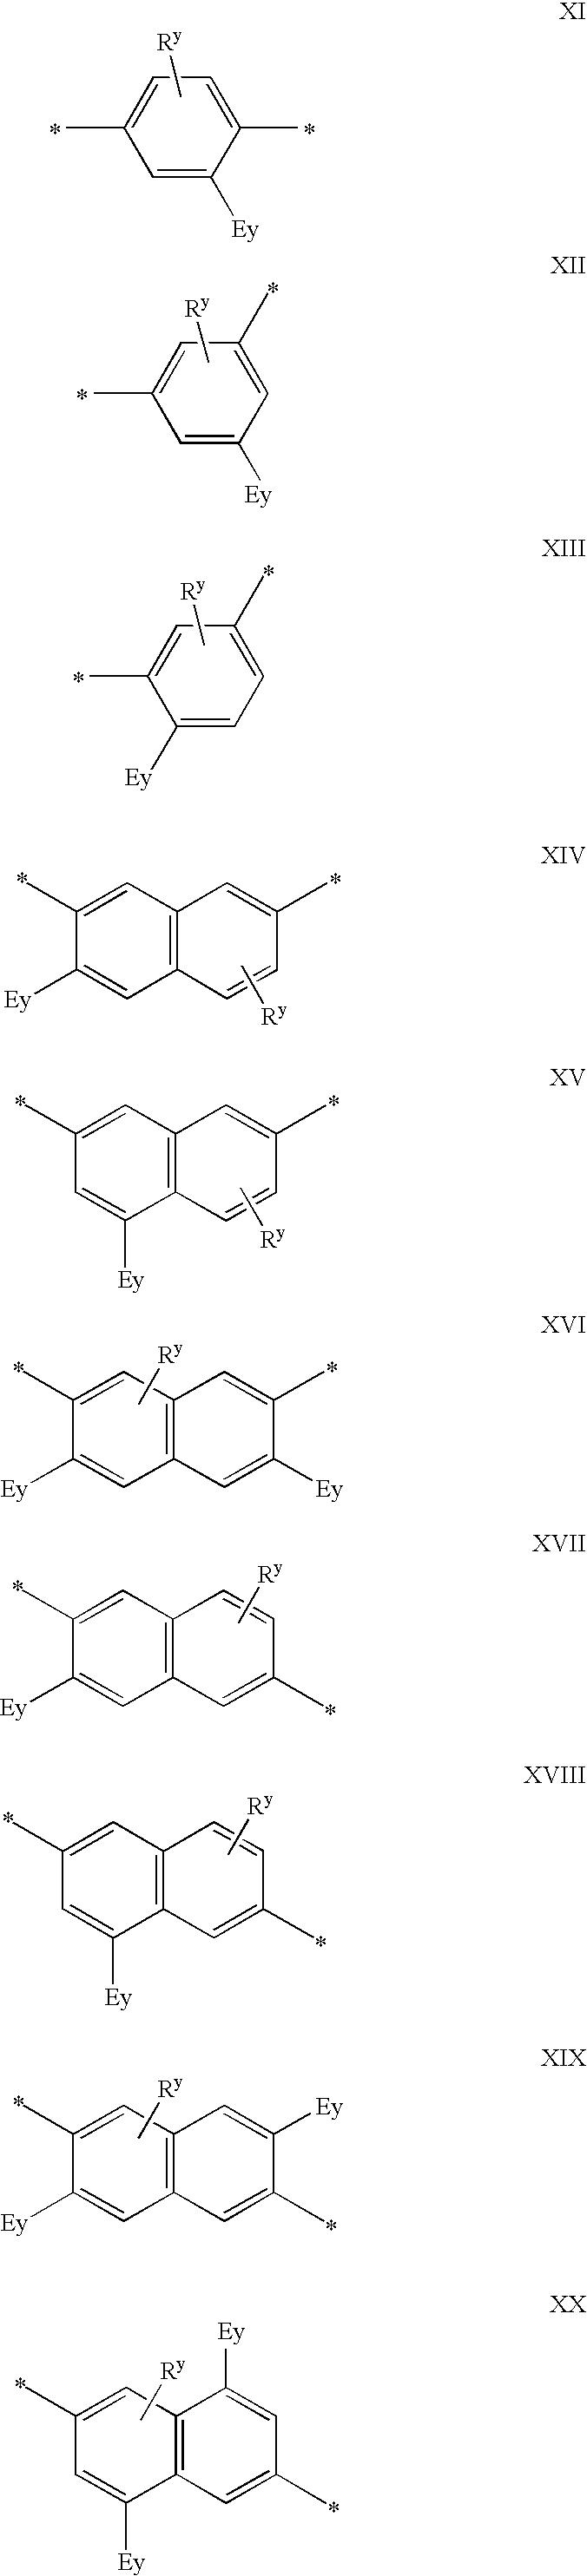 Figure US20040062930A1-20040401-C00083